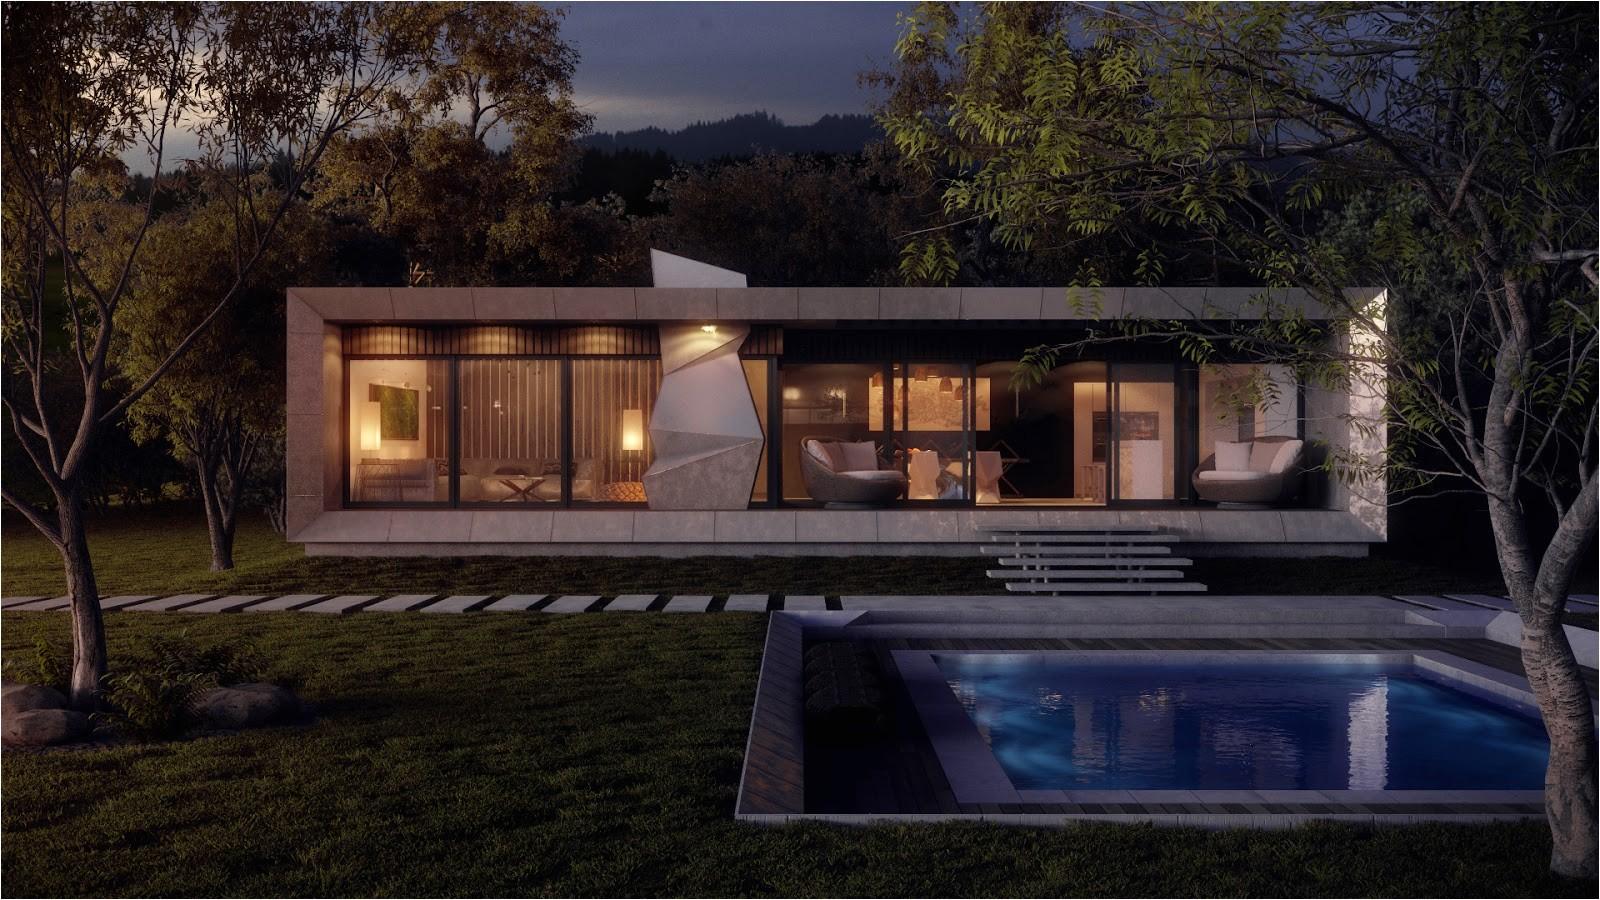 concrete home plans ideas